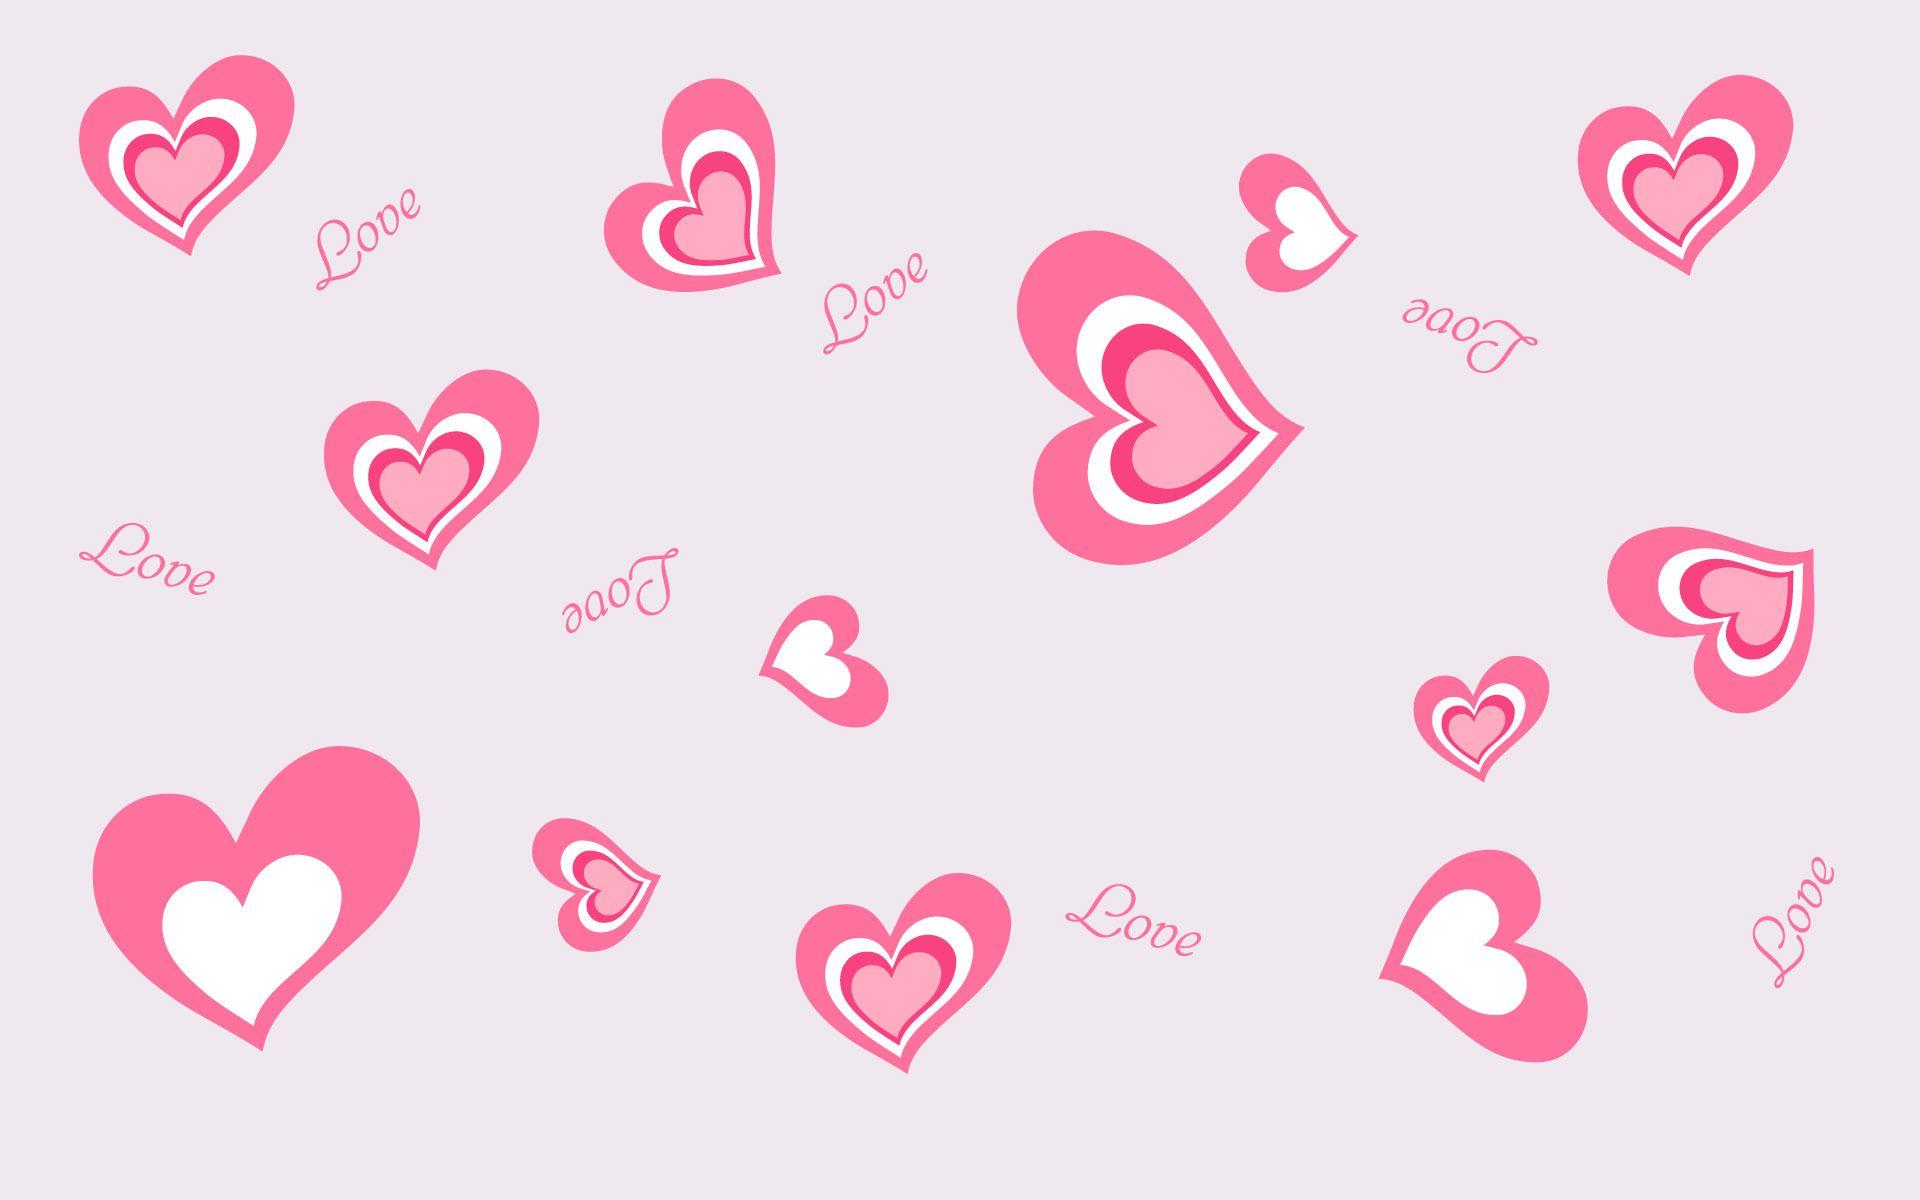 Valentines Http Wallpaper Net Valentines Pink Hearts Love Saint Background Computer Desktop Love Pink Wallpaper Heart Wallpaper Valentines Day Background